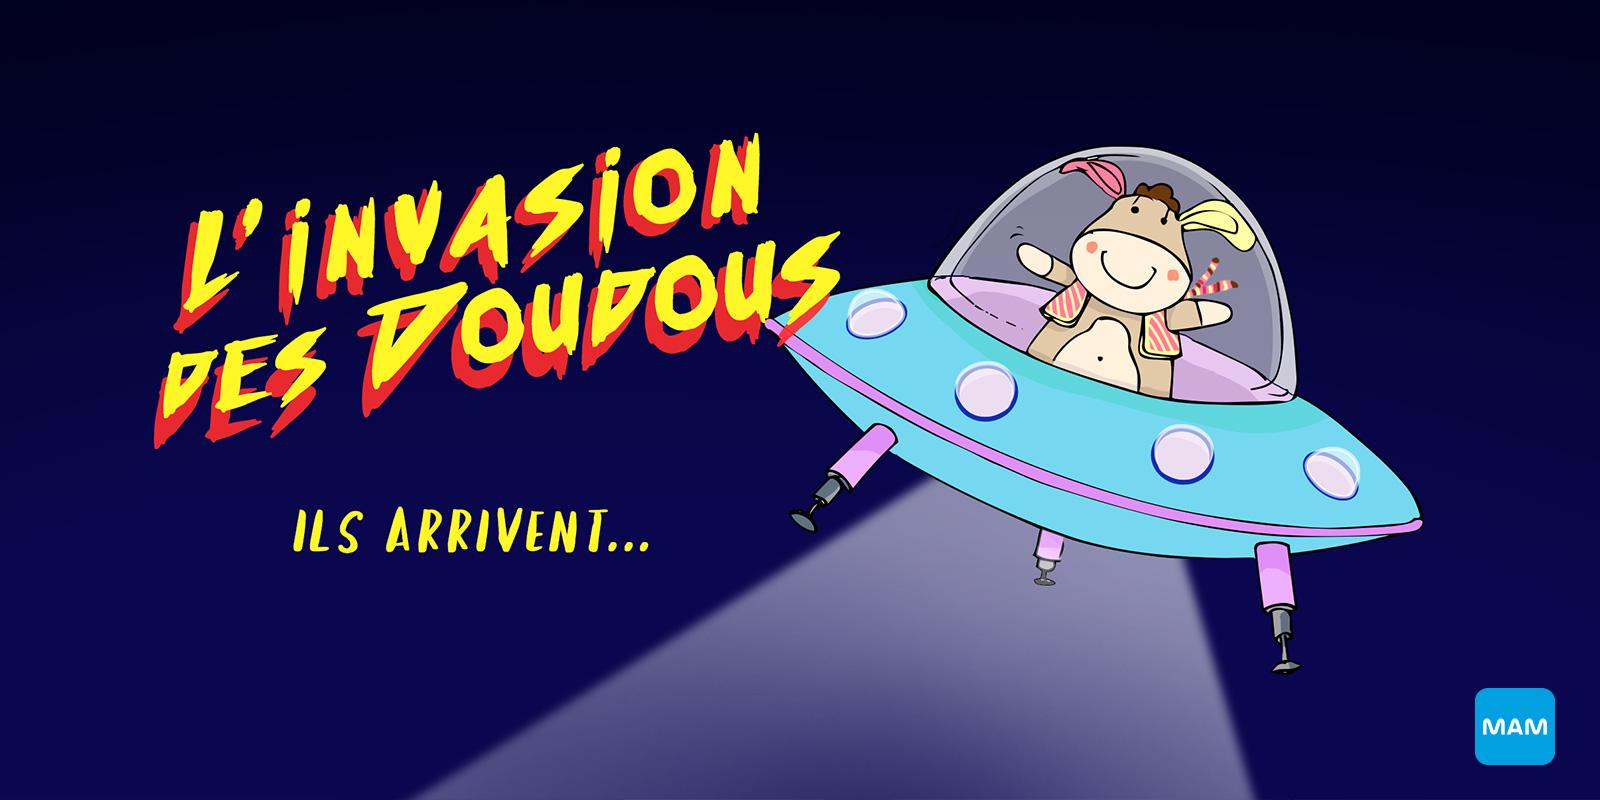 Invasion de doudous - Naissance de bébé - Bonjour Grossesse